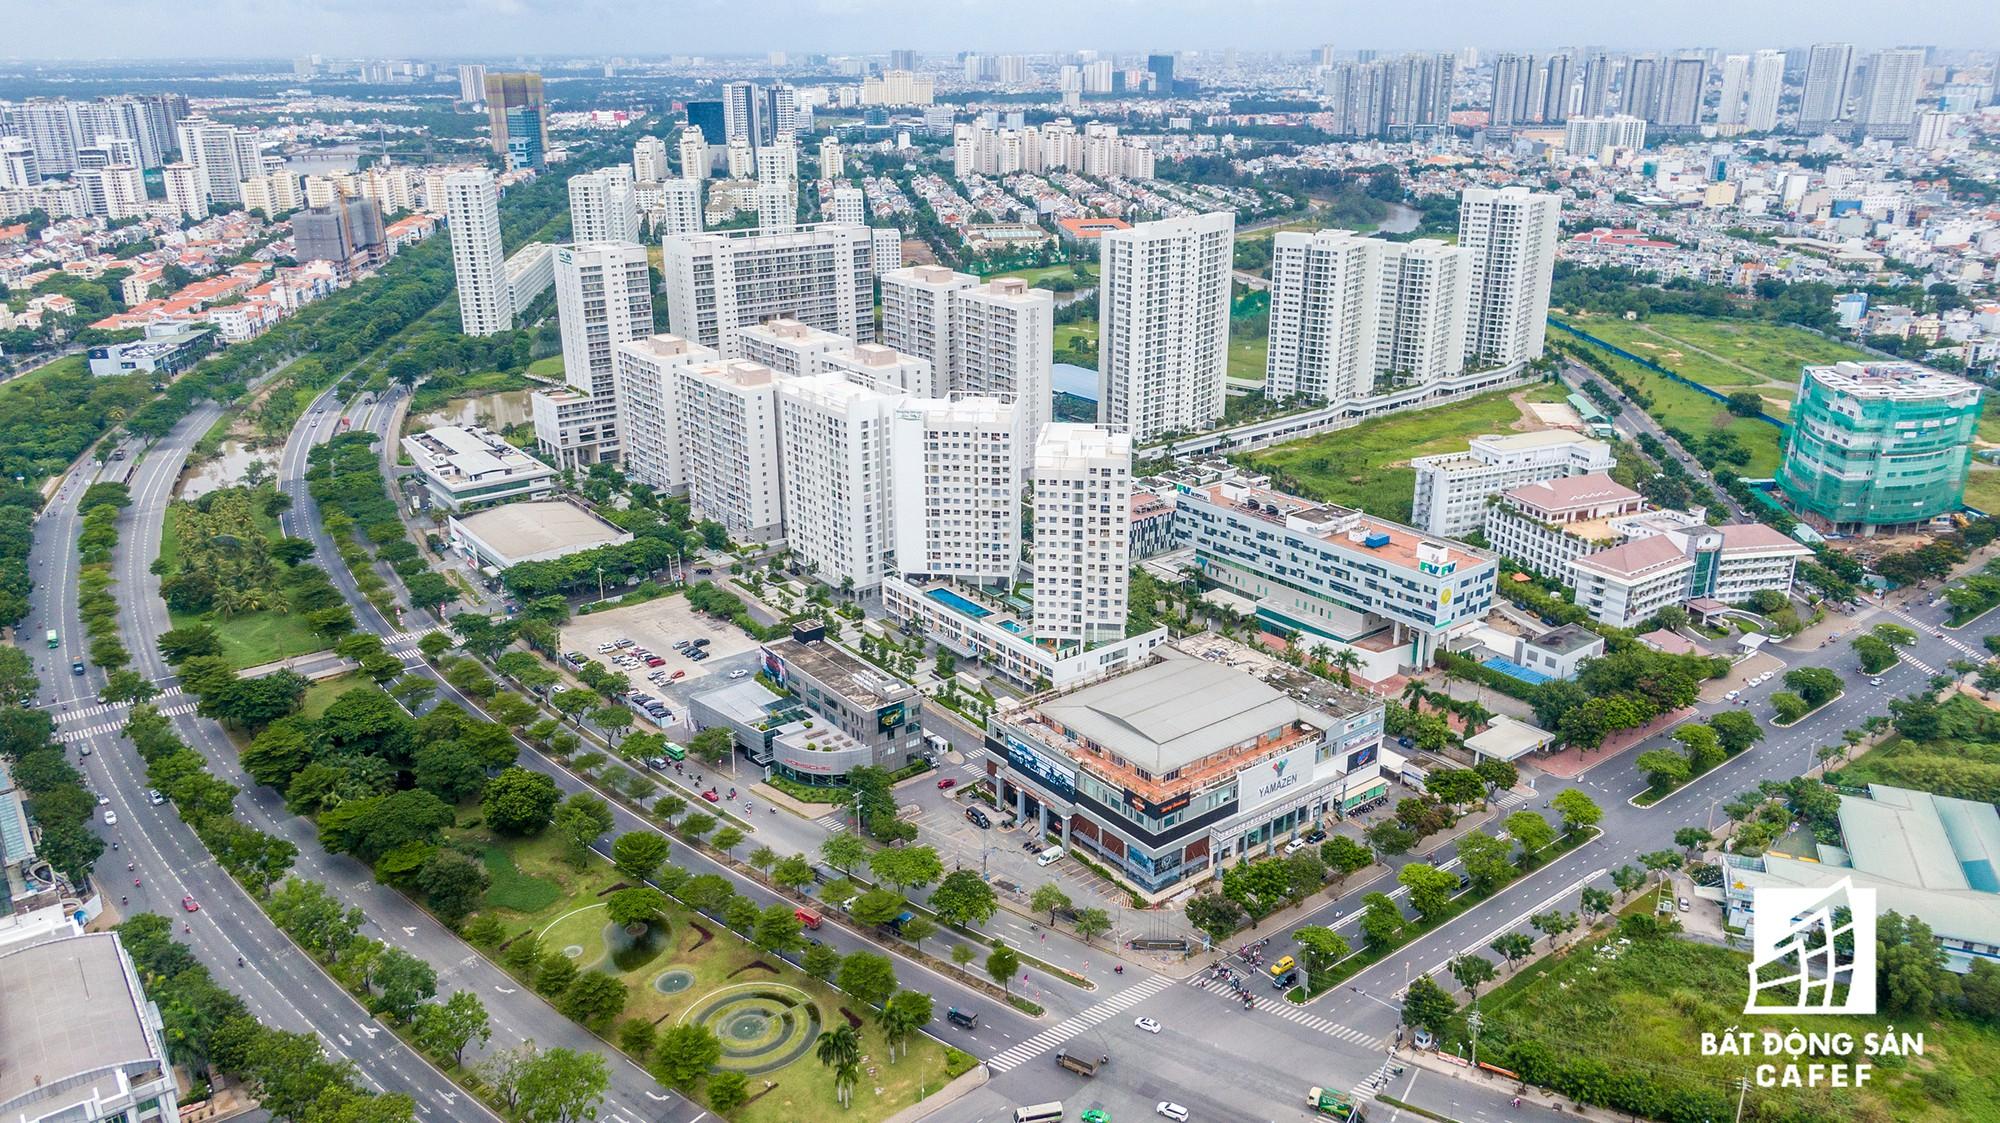 Có một trung tâm tài chính tại khu Nam Sài Gòn - Nơi giá nhà tăng chóng mặt - Ảnh 13.